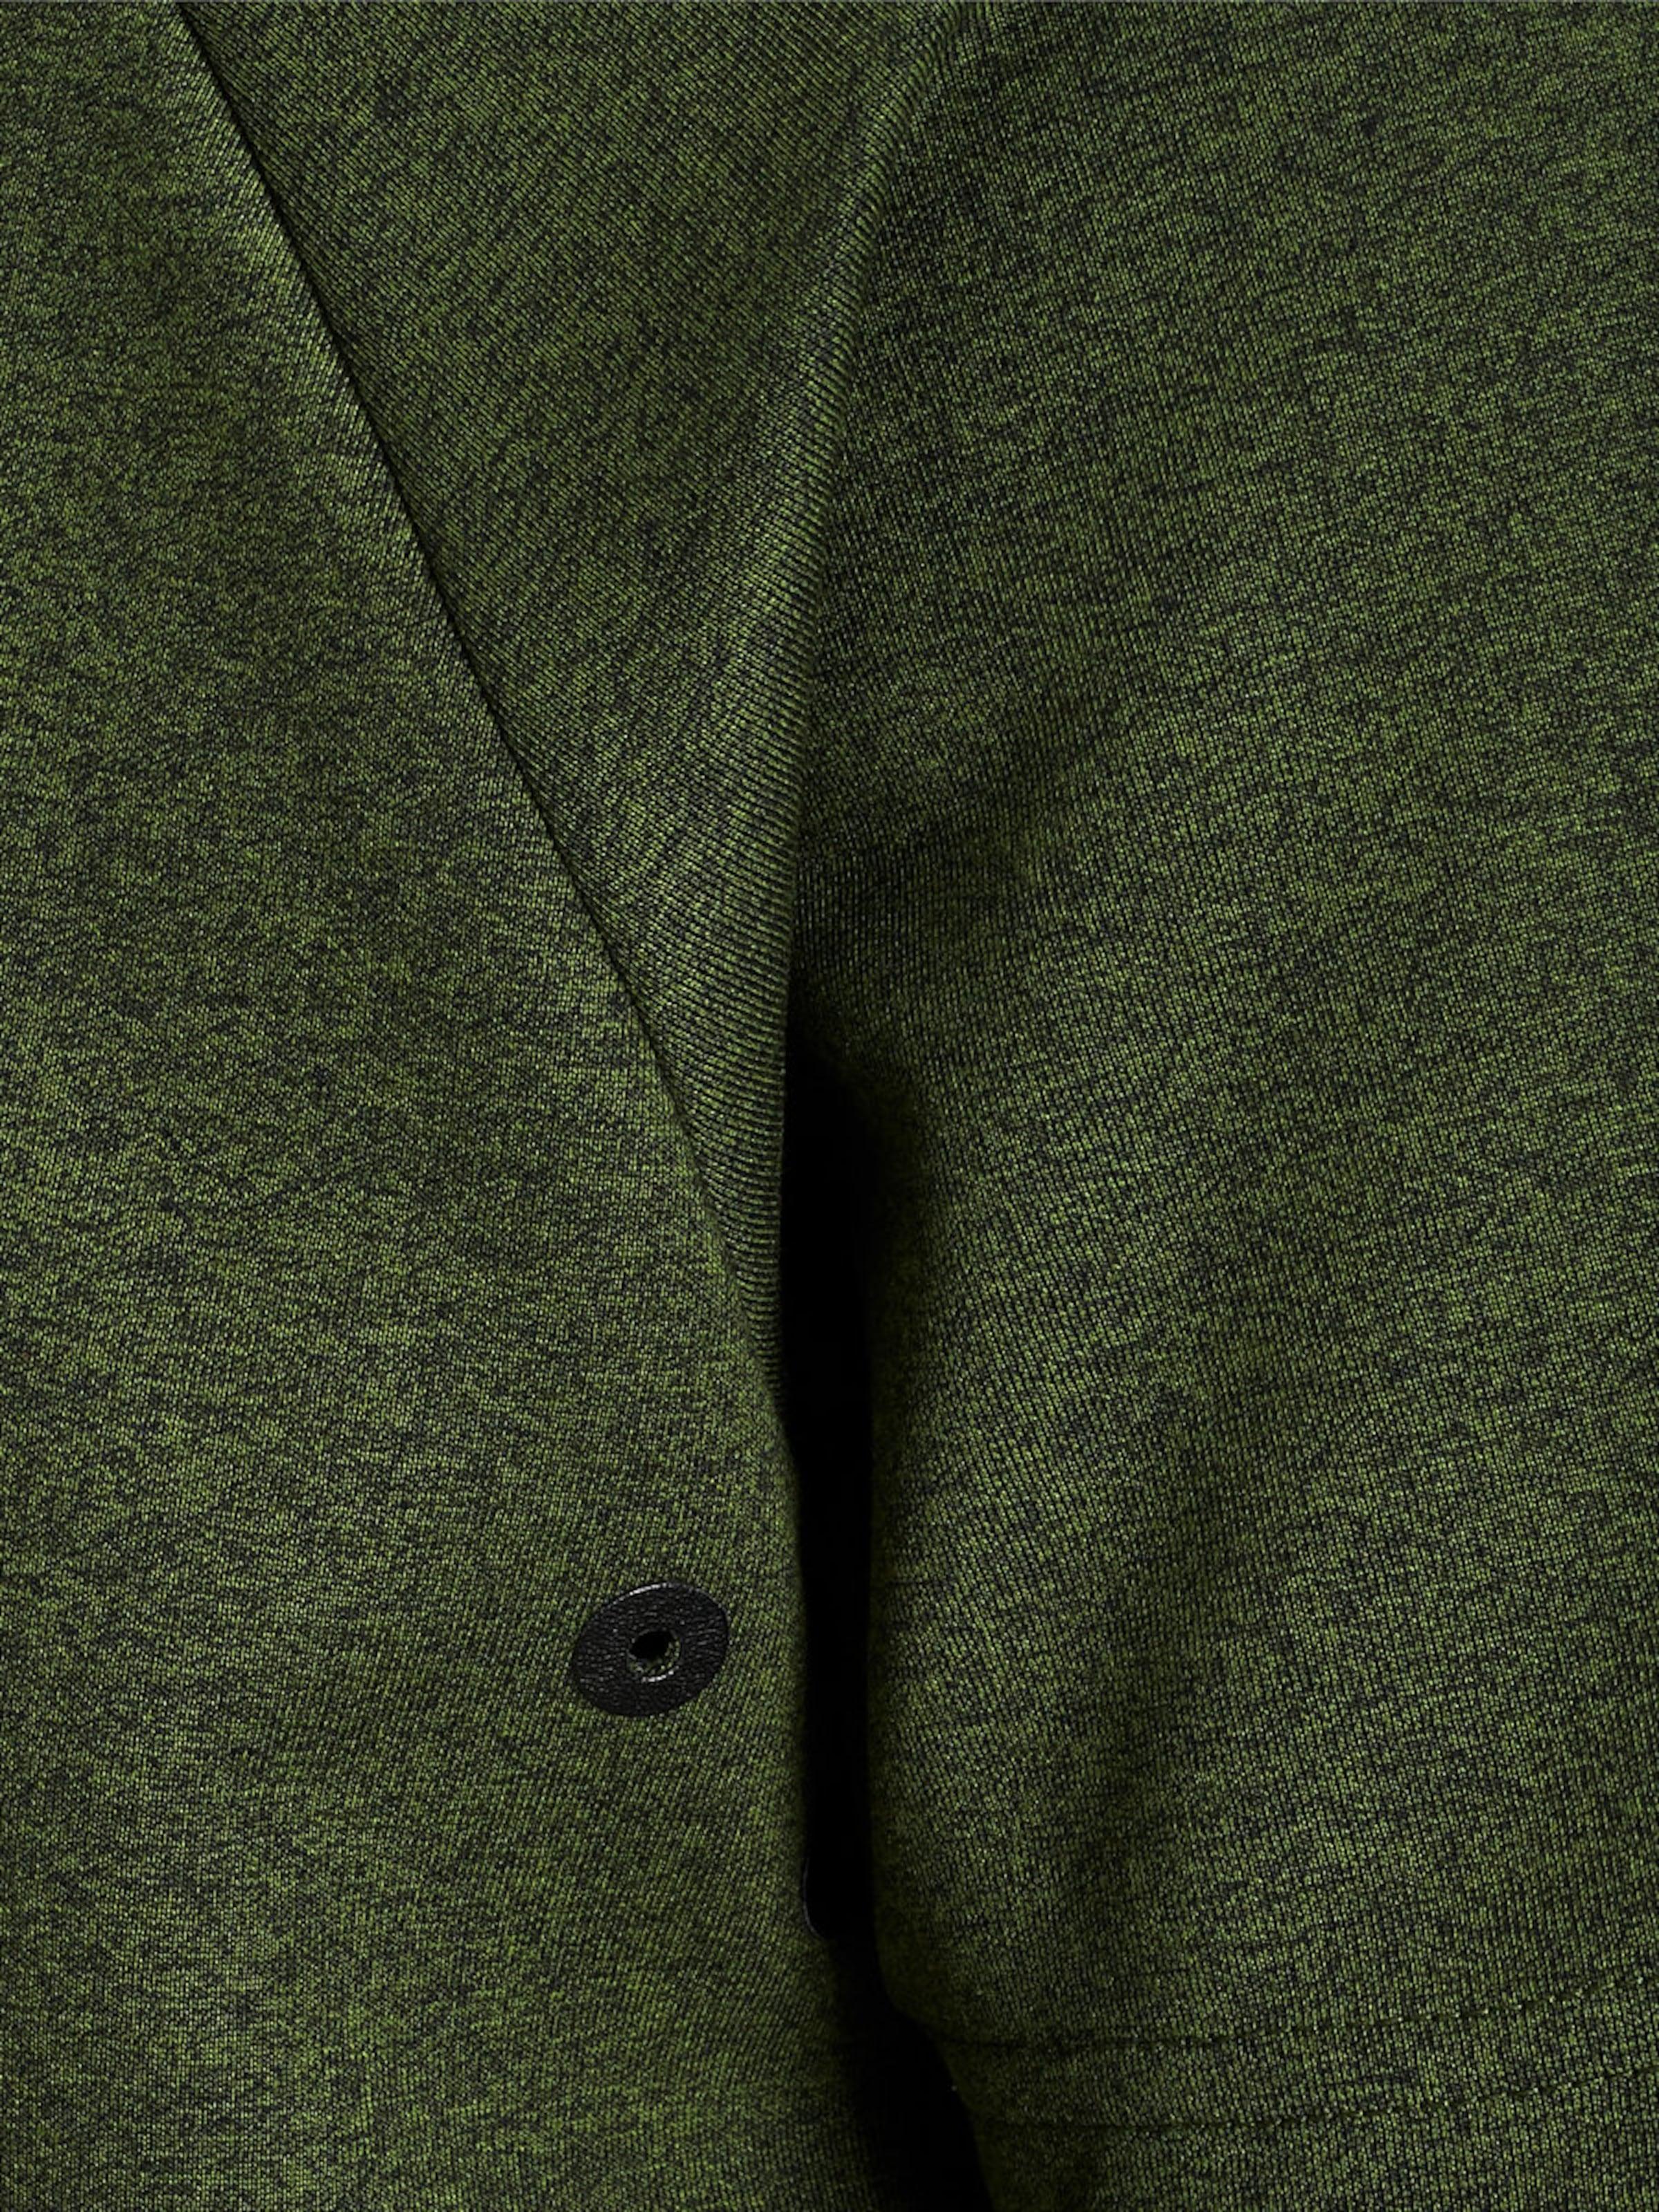 Größte Lieferant Für Verkauf Schnelle Lieferung Jack & Jones Tech T-Shirt Sportliches xmr4Ulx7al